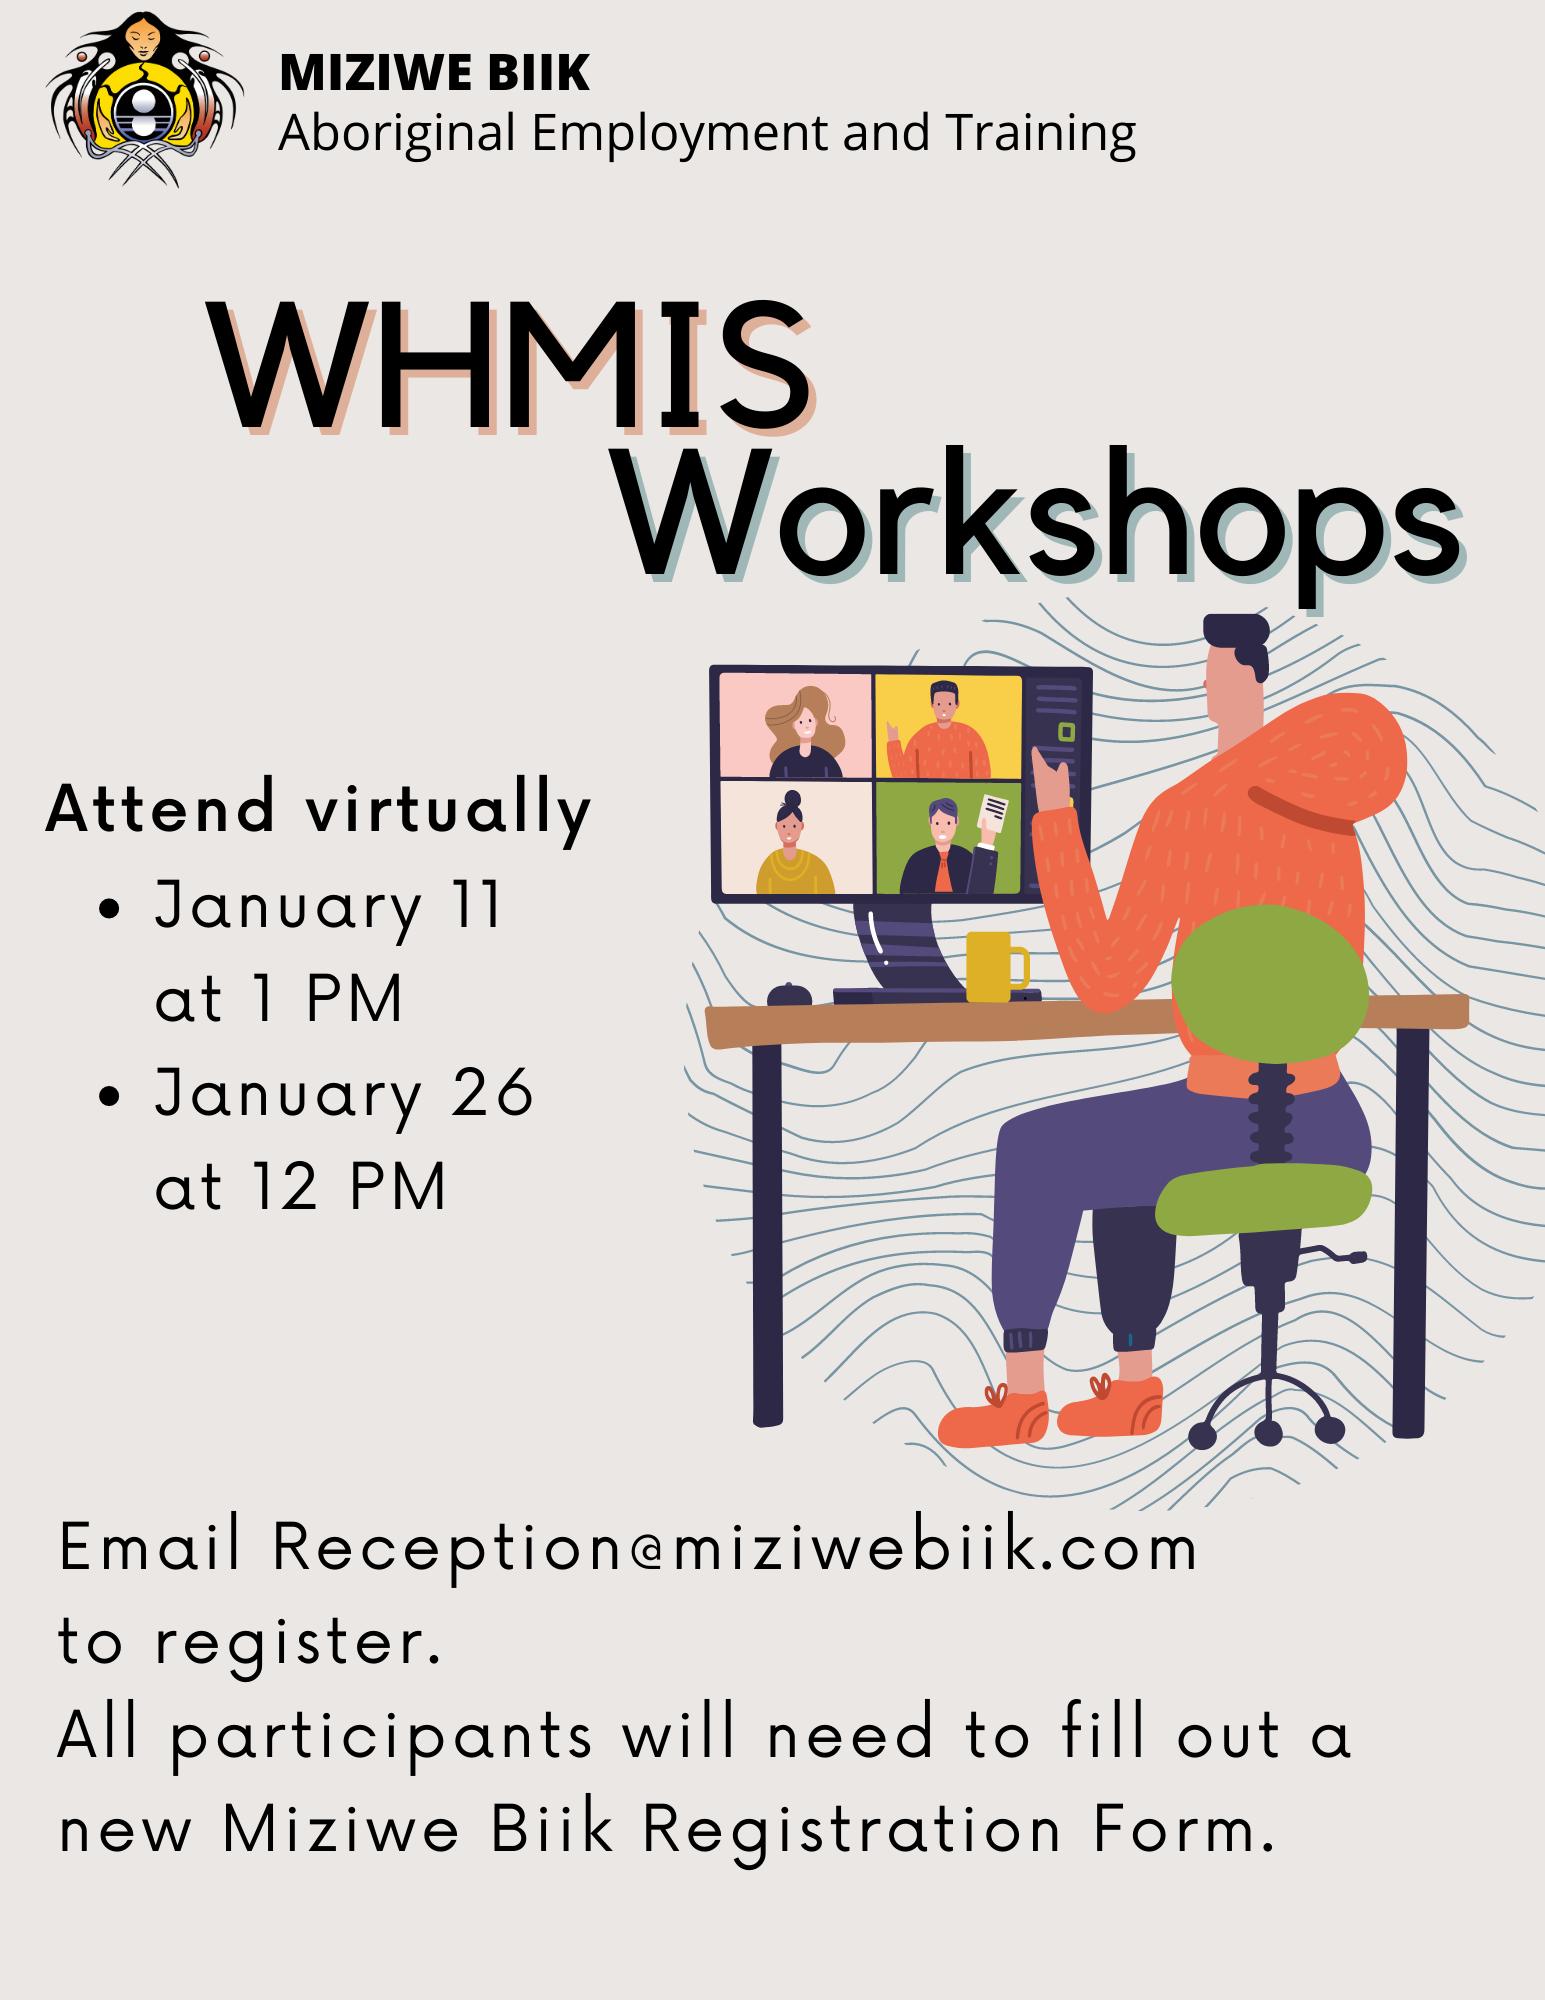 WHMIS Workshops